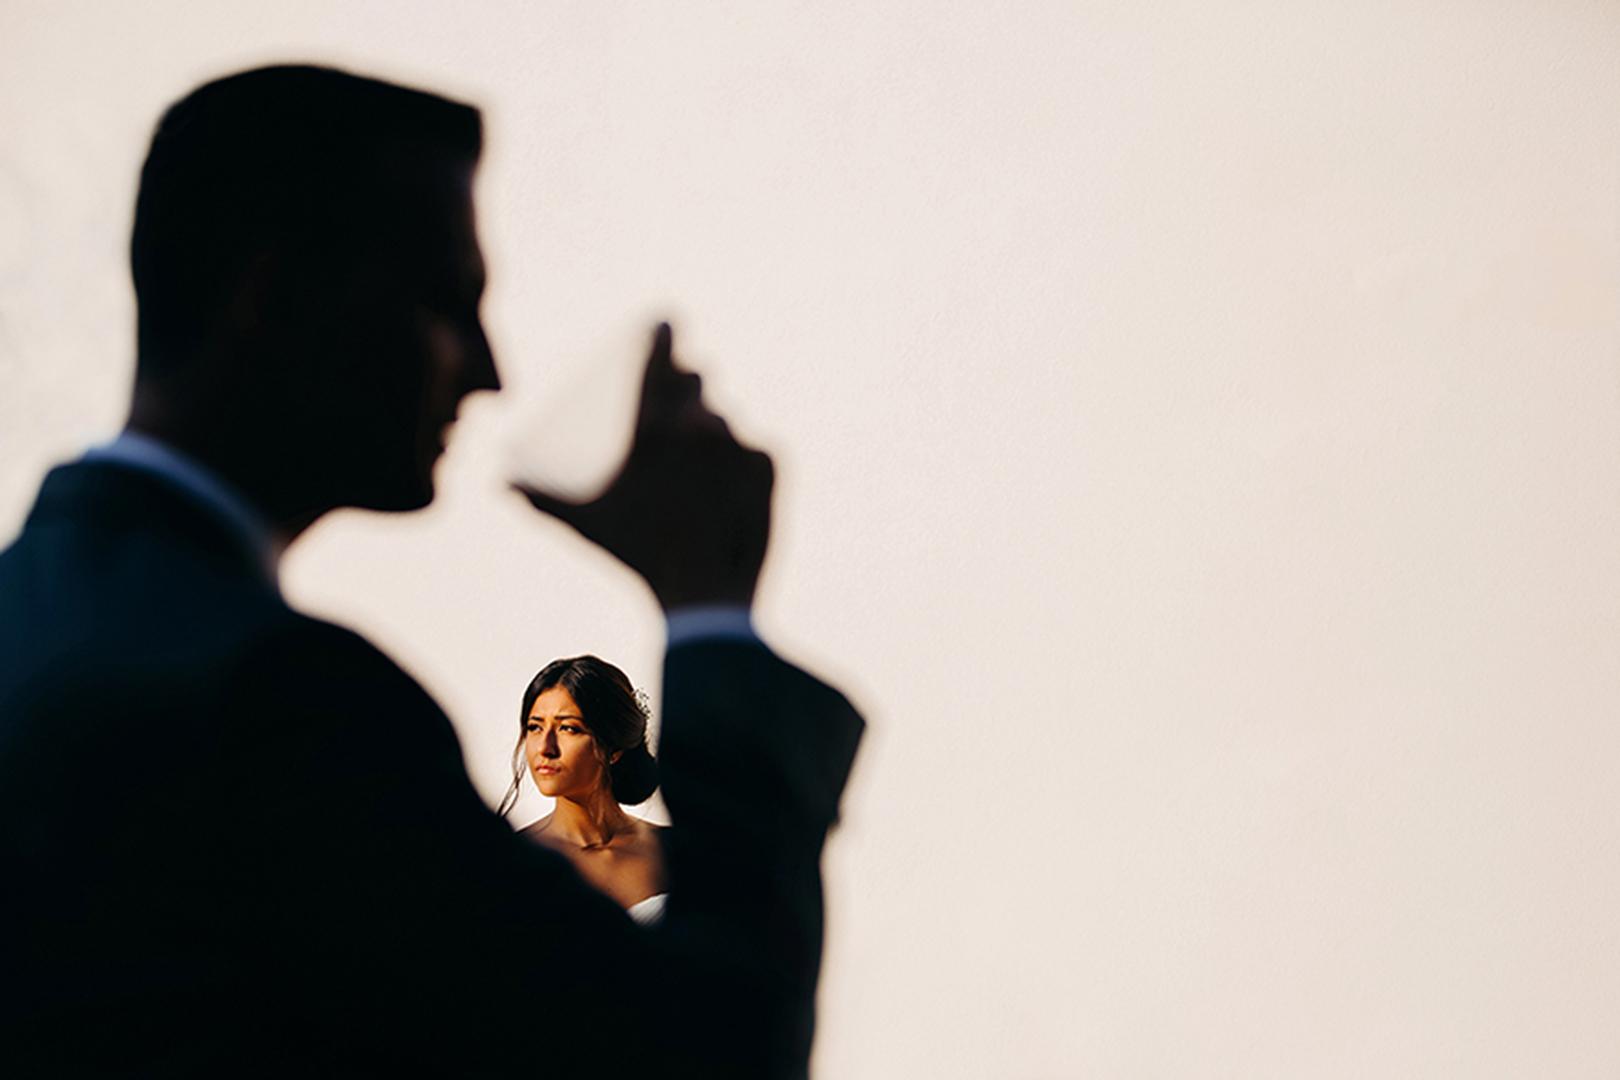 gianni-lepore-sposo-sposa-contest-silhouette